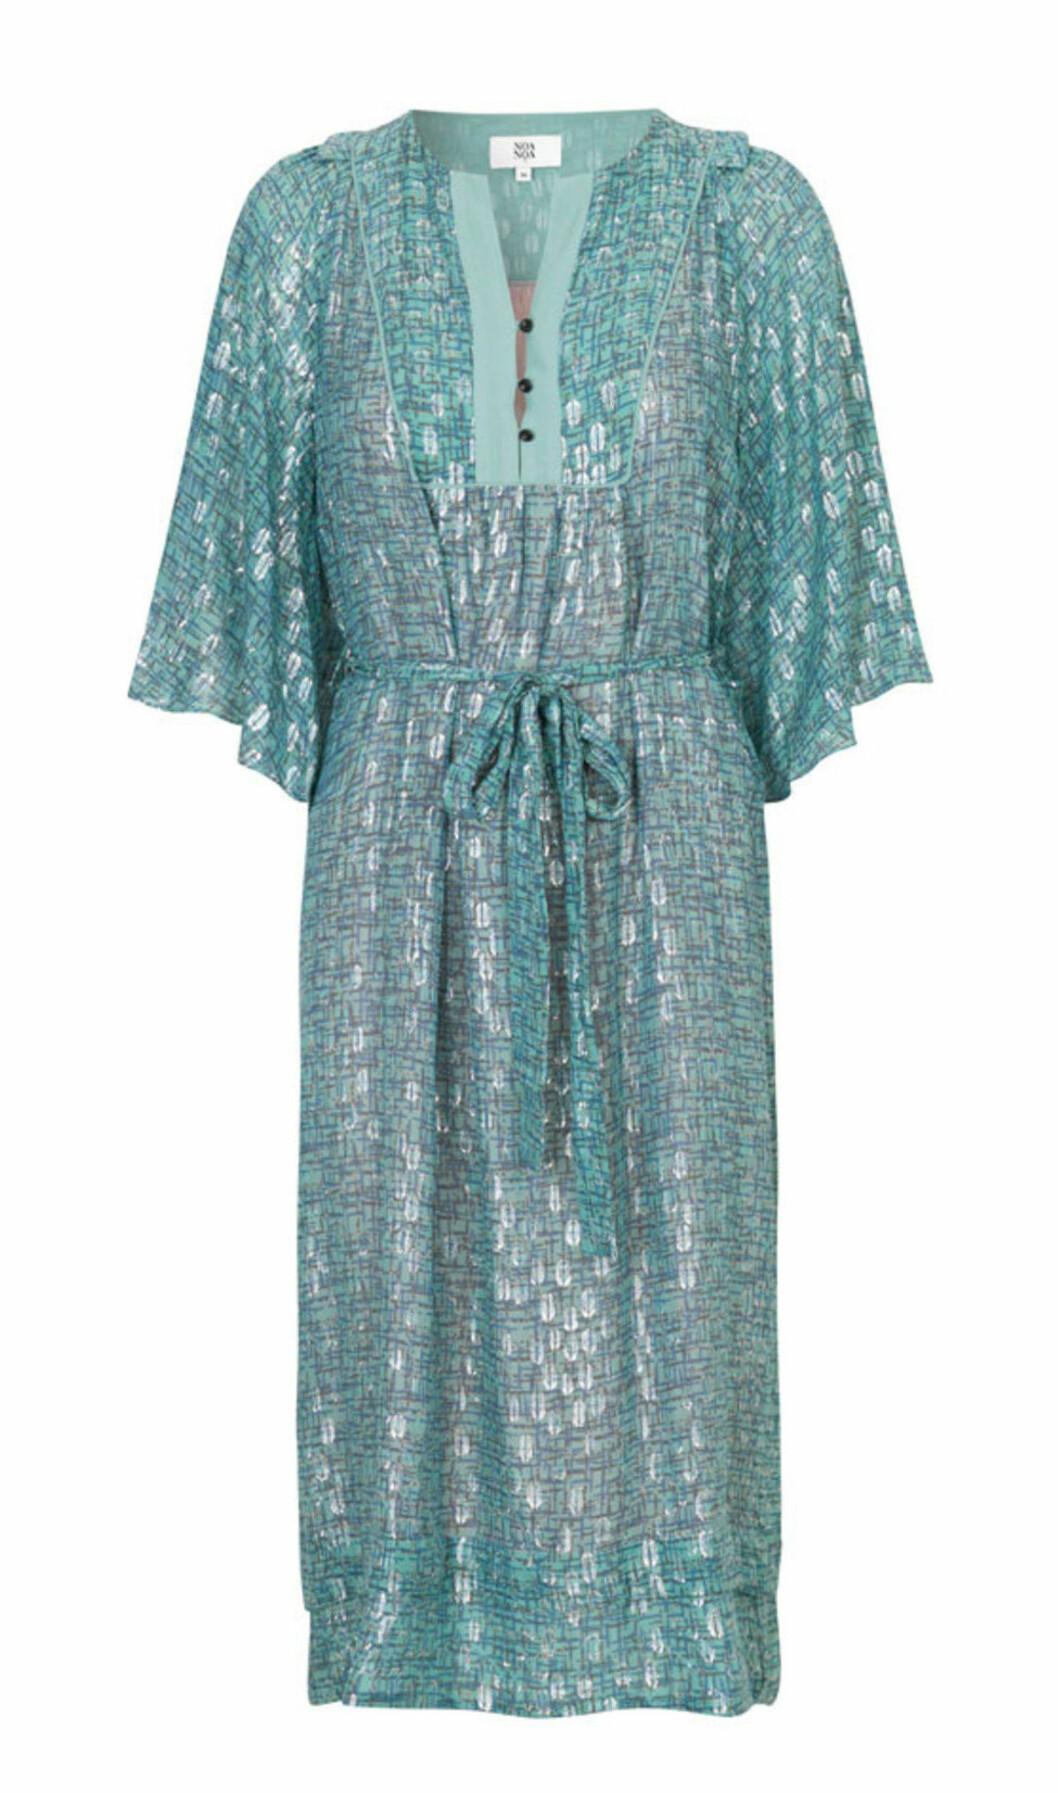 Blå klänning till sommarens bröllop 2019